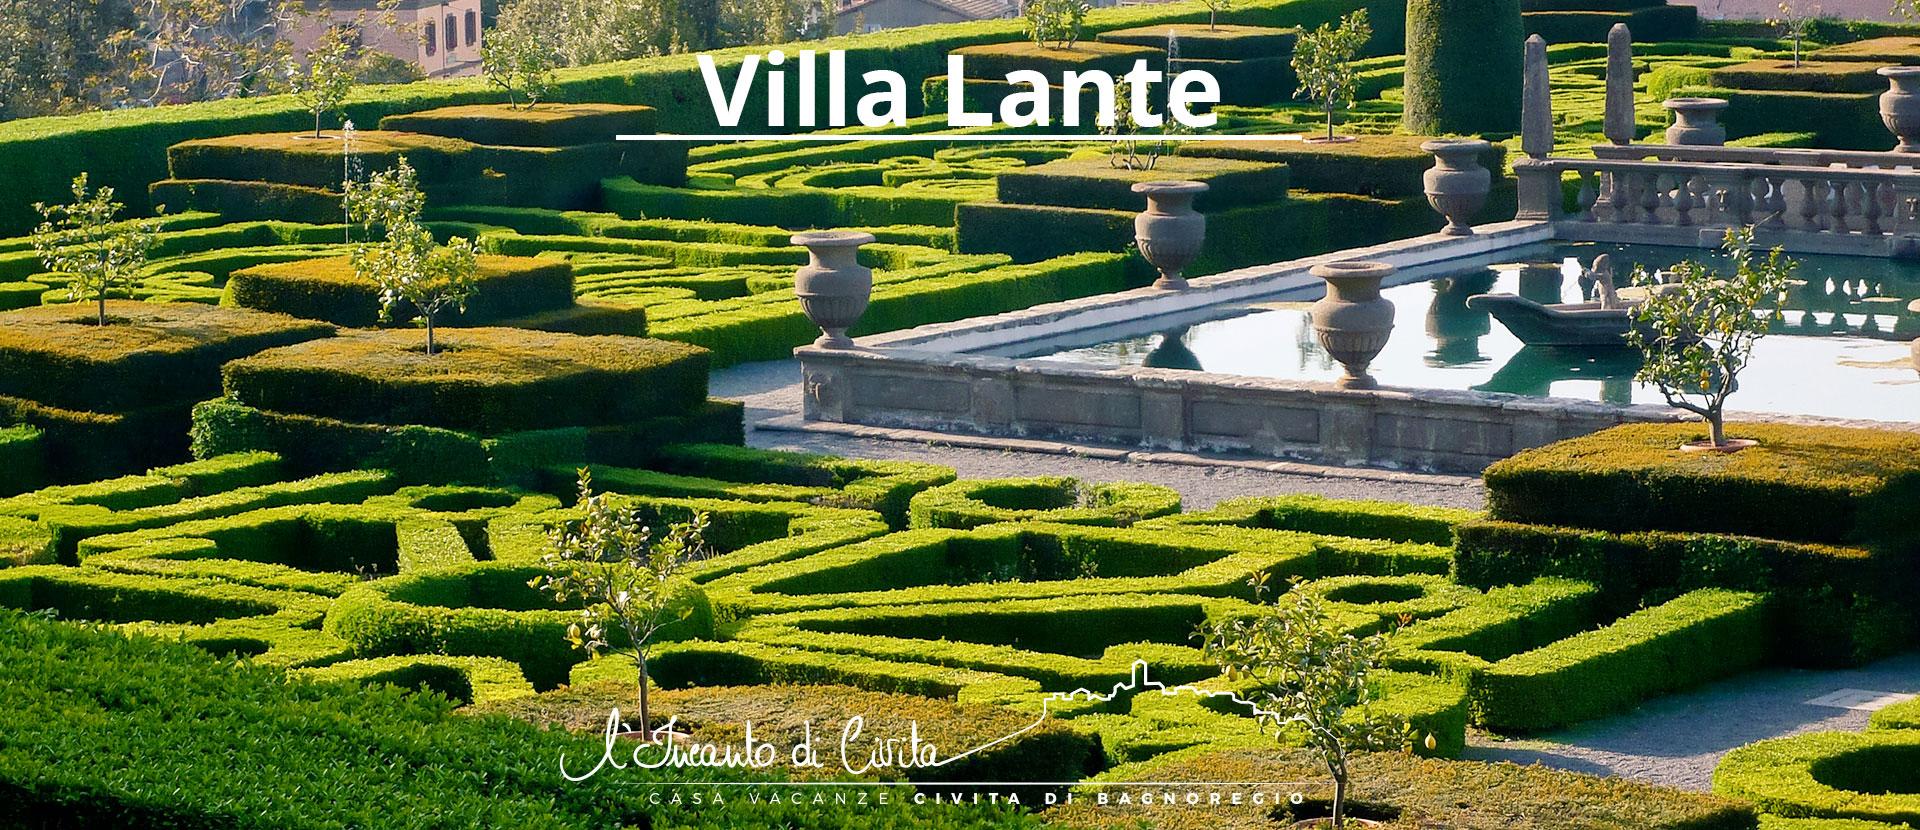 villa-lante